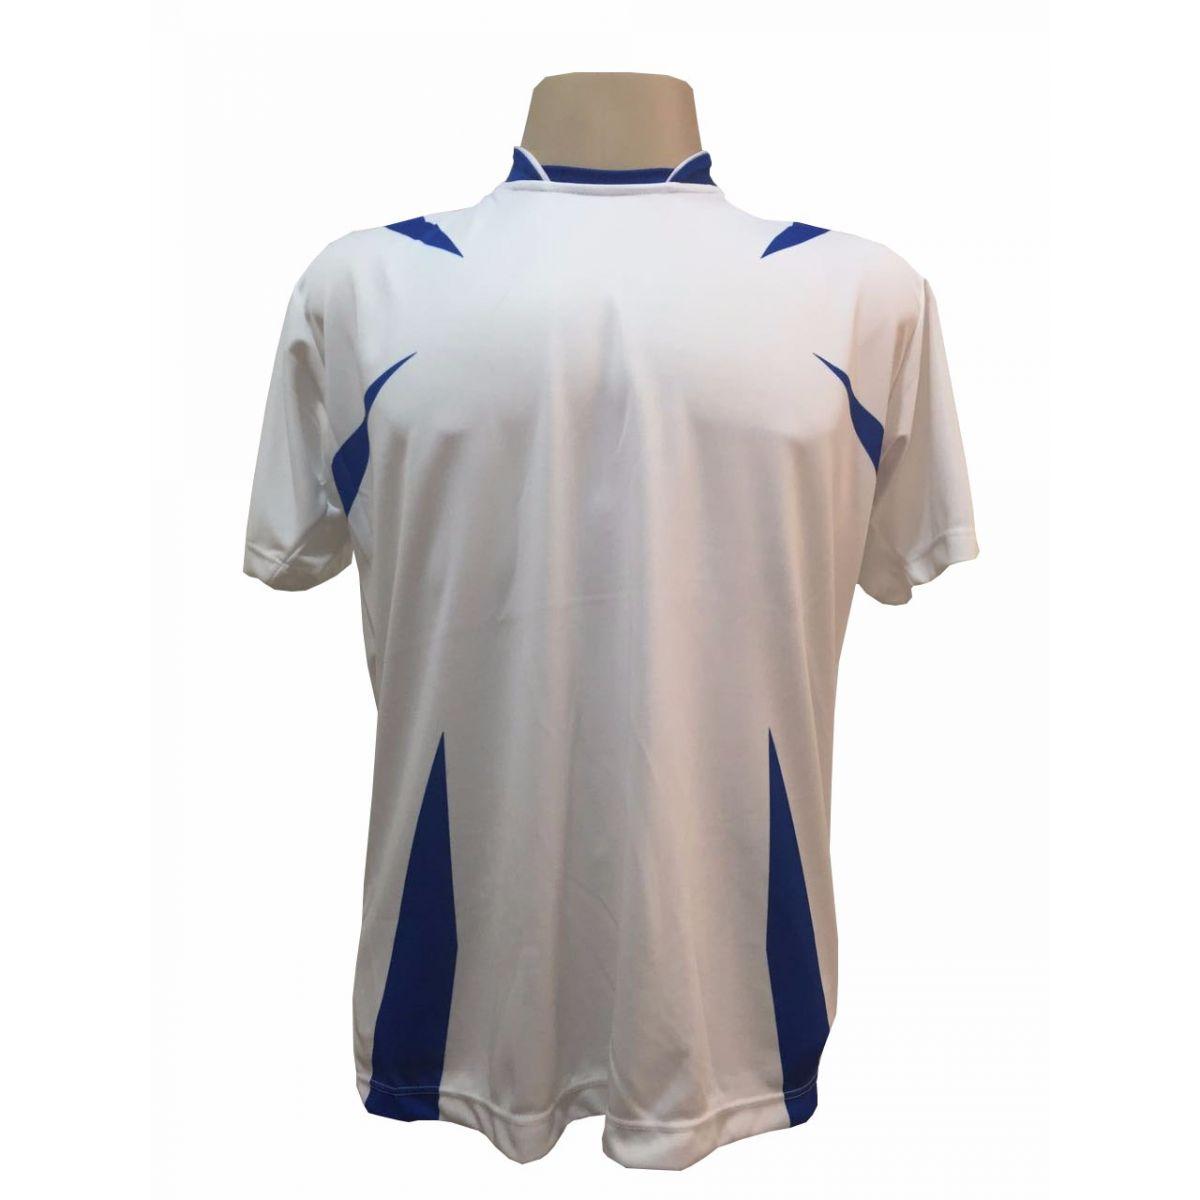 Uniforme Esportivo Completo modelo Palermo 14+1 (14 camisas Branco/Royal + 14 calções Madrid Branco + 14 pares de meiões Brancos + 1 conjunto de goleiro) + Brindes